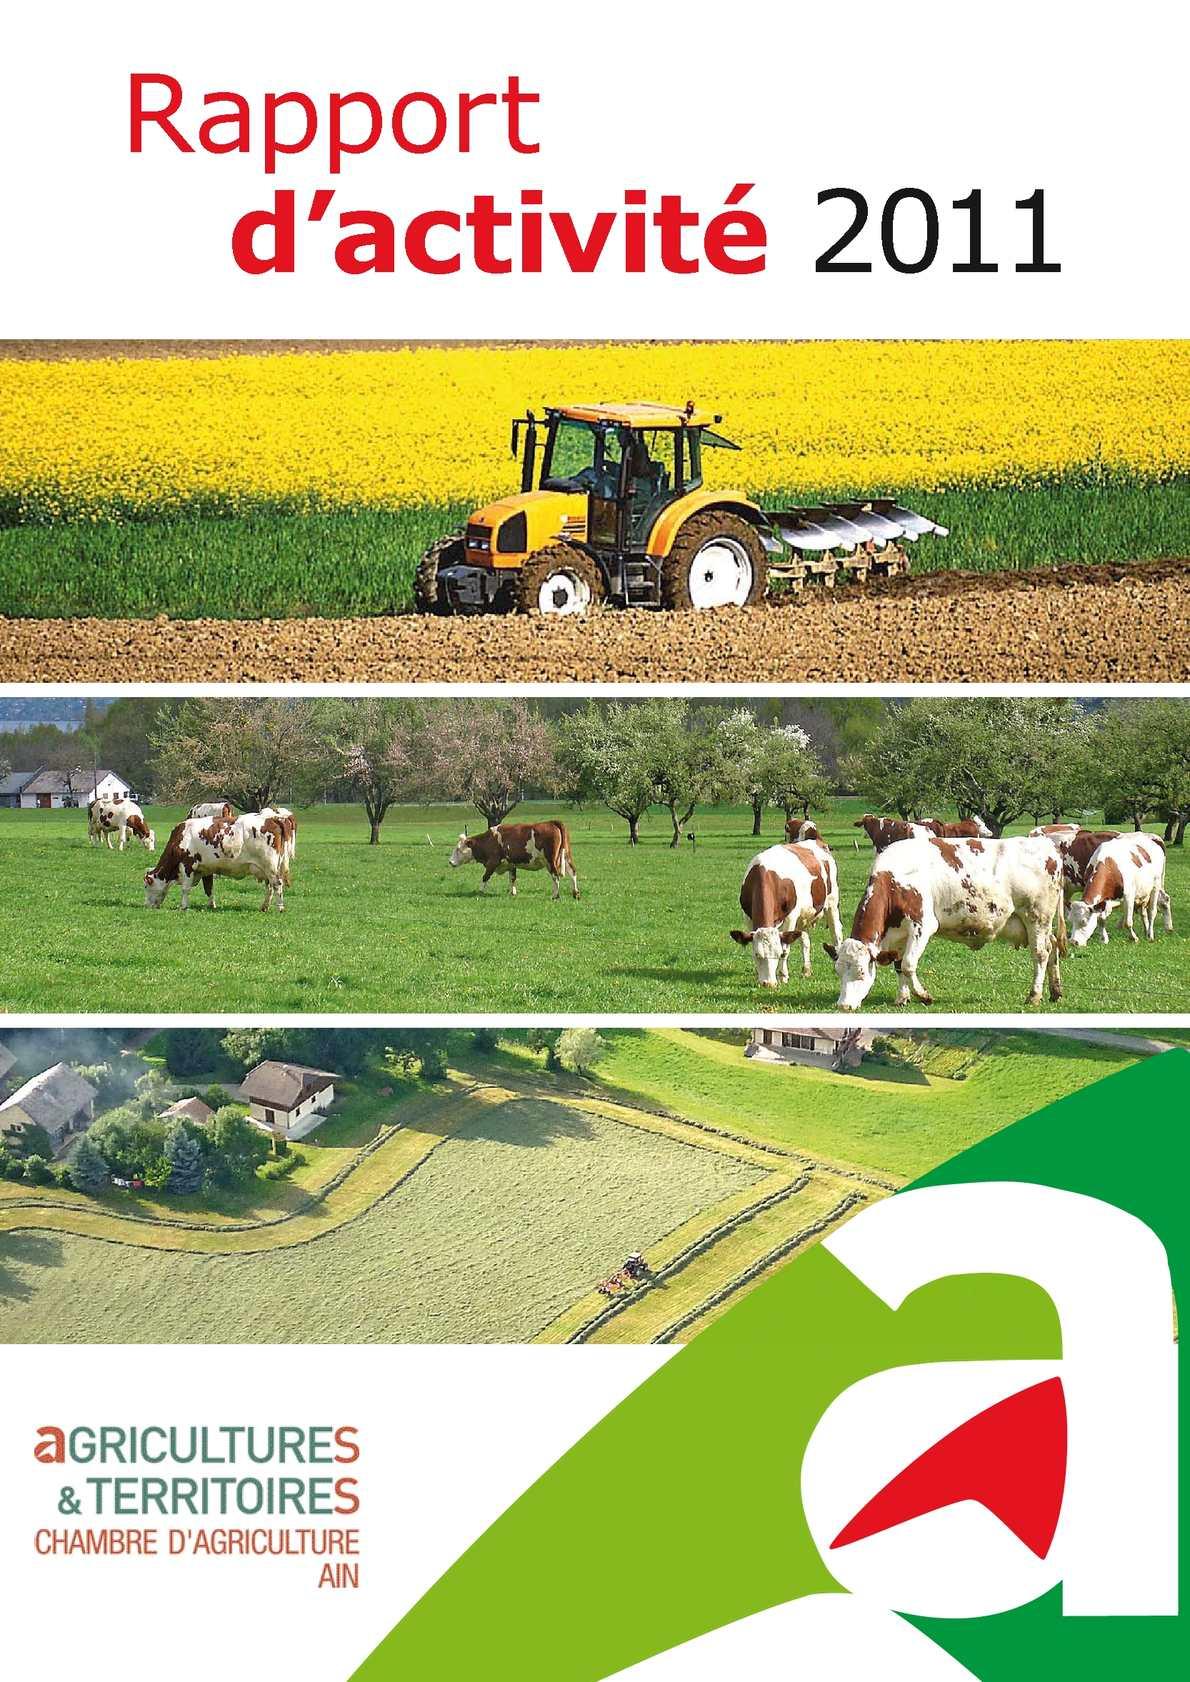 Calam o rapport d 39 activit chambre d 39 agriculture 2011 for Recrutement chambre d agriculture